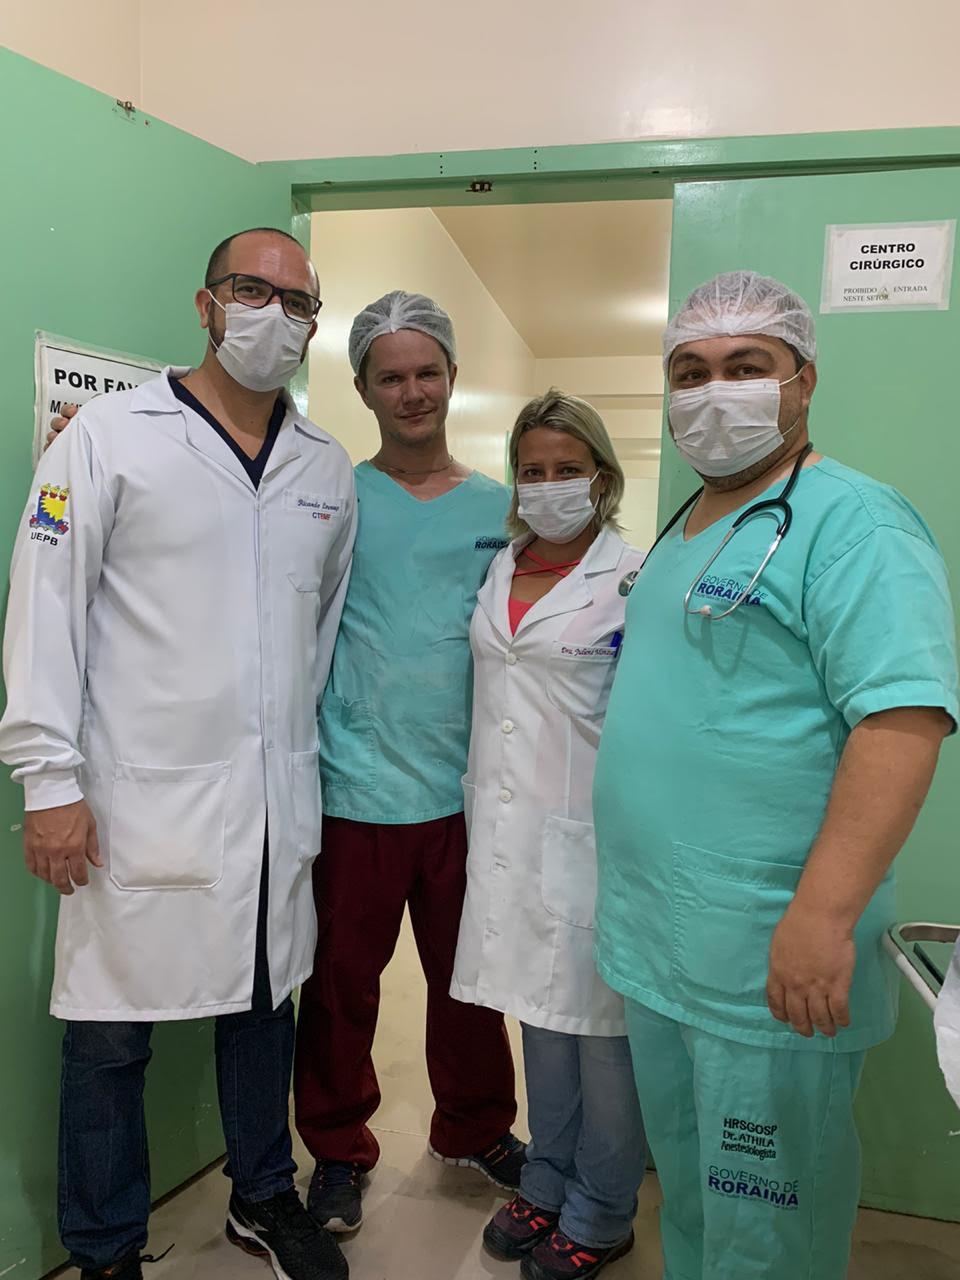 Rorainópolis agora conta com o serviço de cirurgia e traumatologia bucomaxilofacial